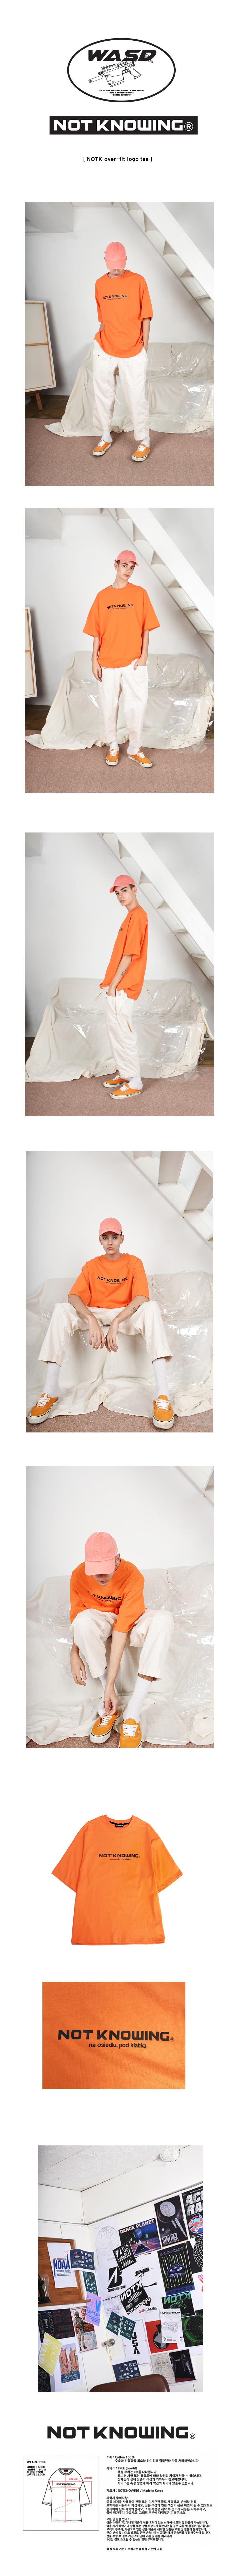 낫노잉(NOTKNOWING) [10수]오버사이즈 낫노잉 로고 티셔츠(오렌지)